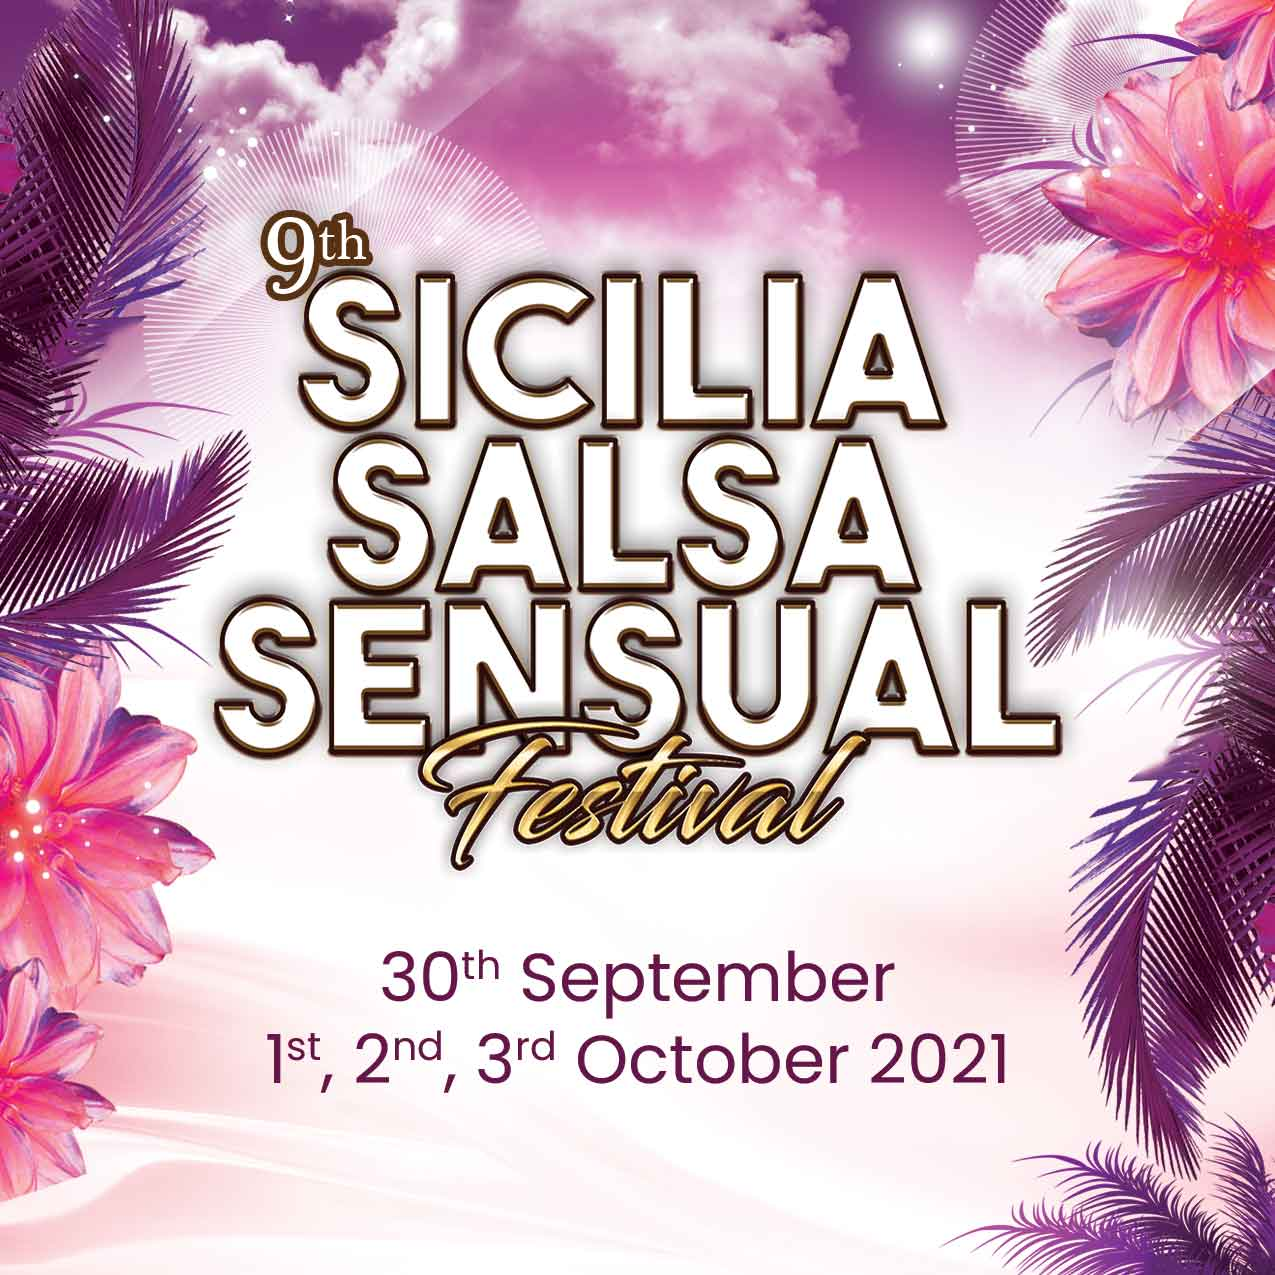 Sicilia Salsa Sensual Festival